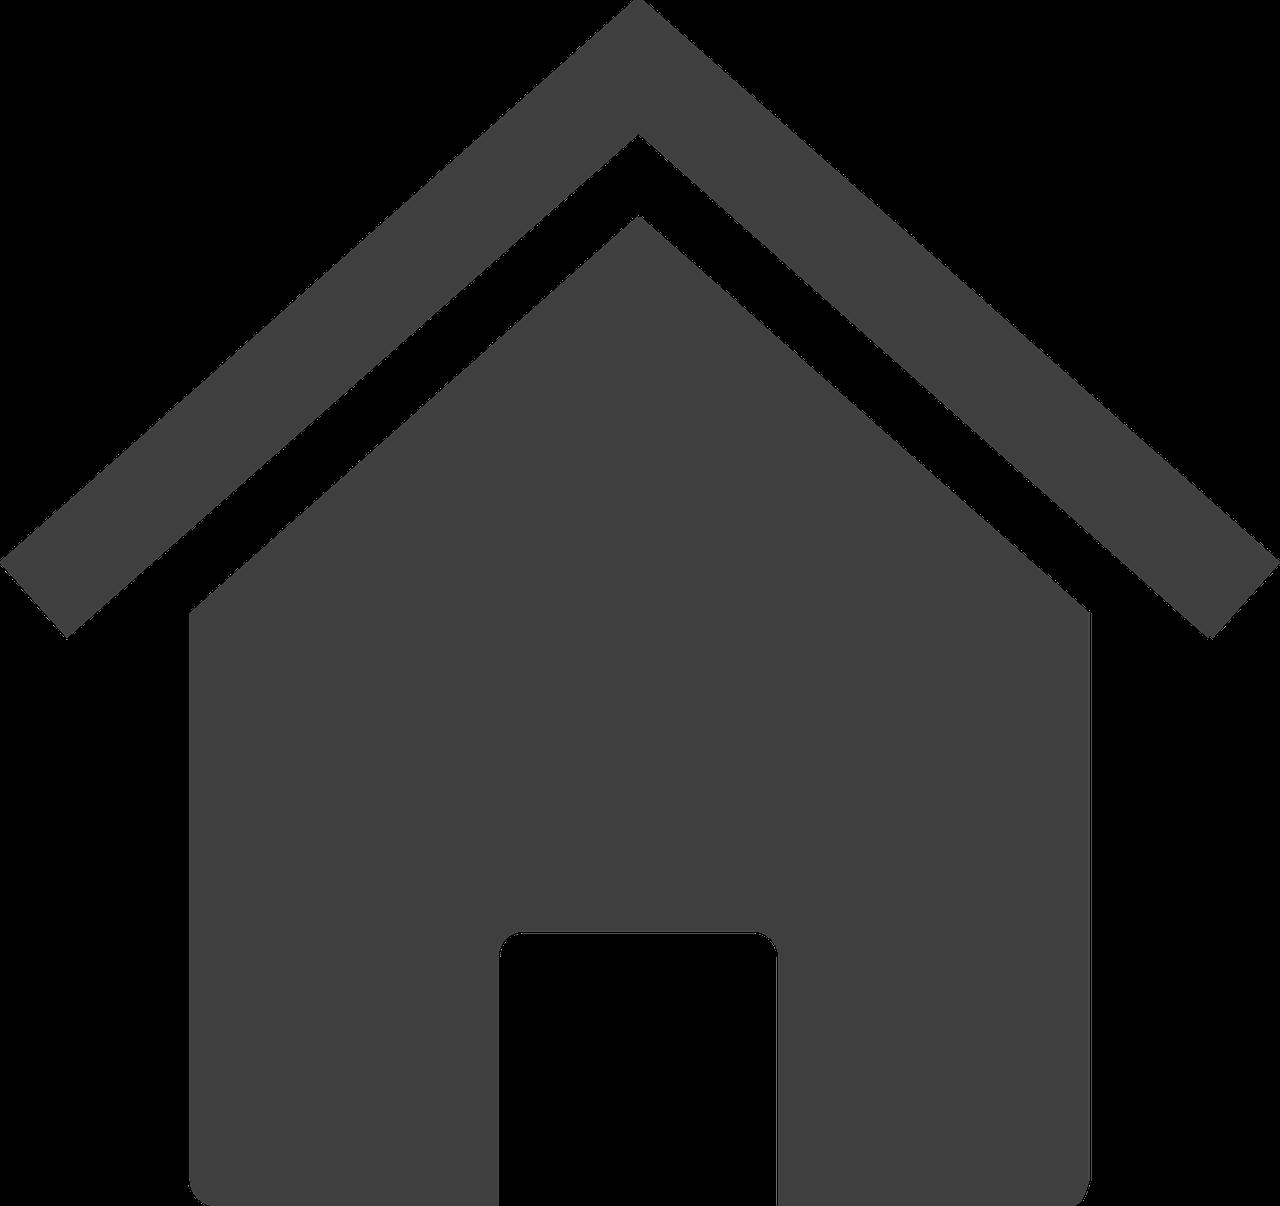 Dom Strona Główna Ikona - Darmowa grafika wektorowa na Pixabay